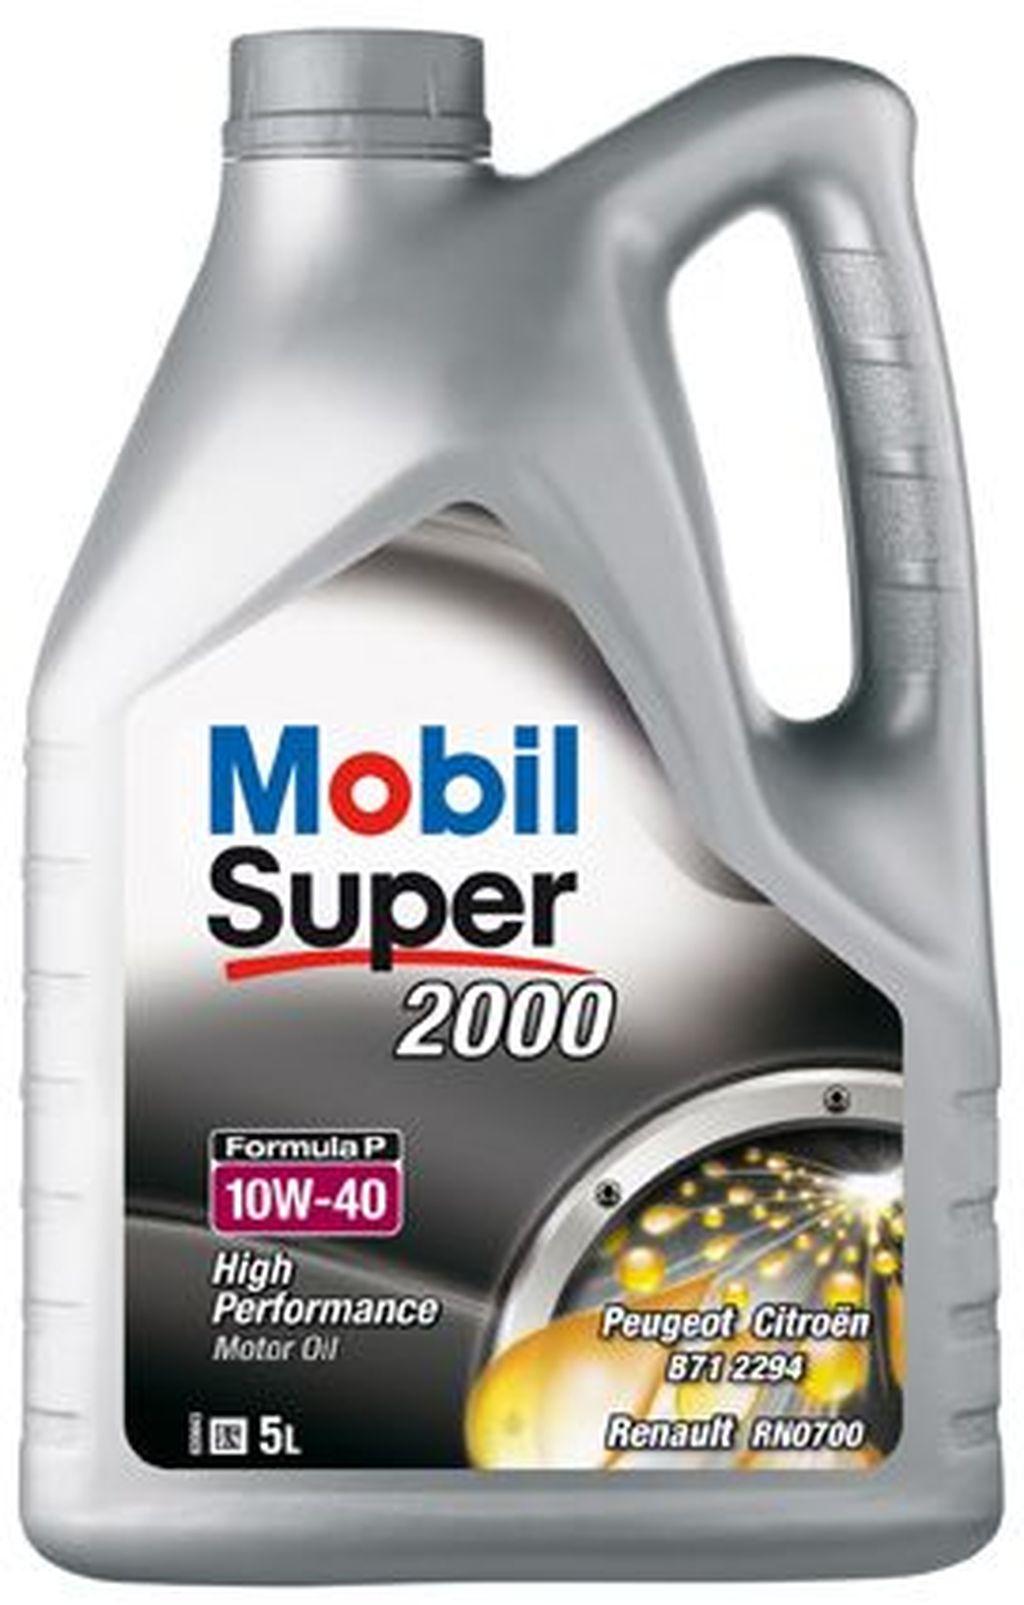 Huile moteur mobil super 2000 formula p 10w40 151095 5 litres - mobil